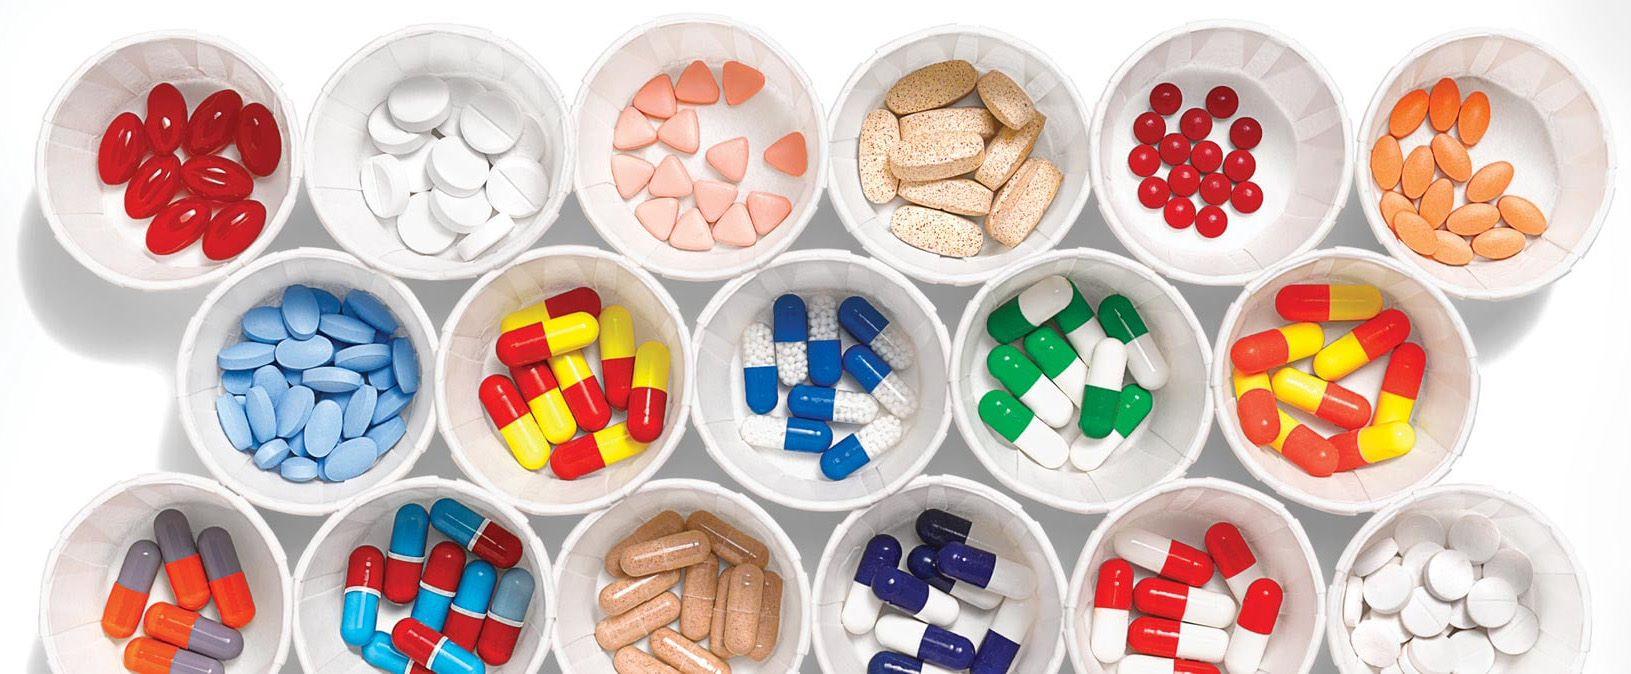 Các thuốc điều trị huyết áp thấp: Điểm danh 8 cái tên thường gặp nhất!